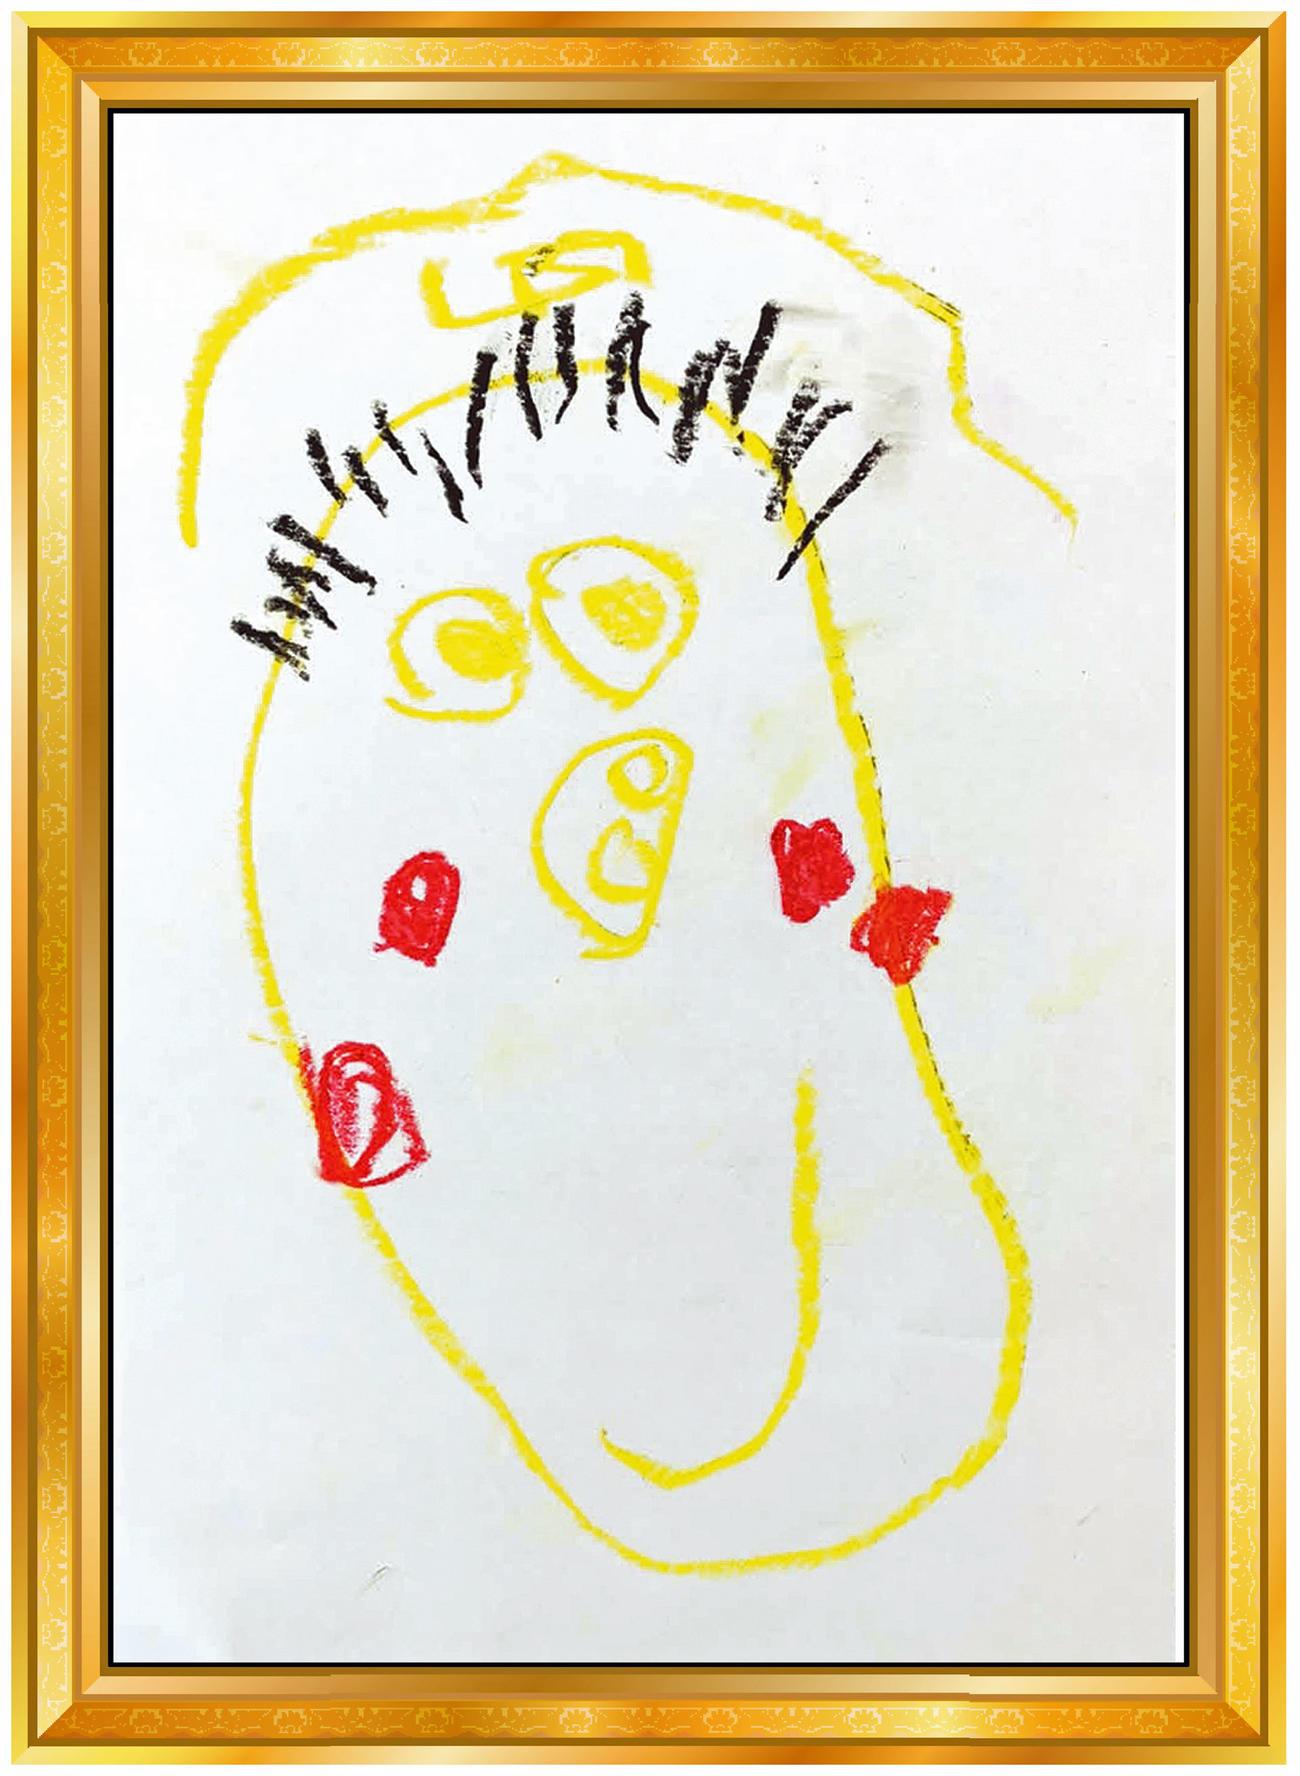 ソフトバンク嘉弥真4歳長男の似顔絵